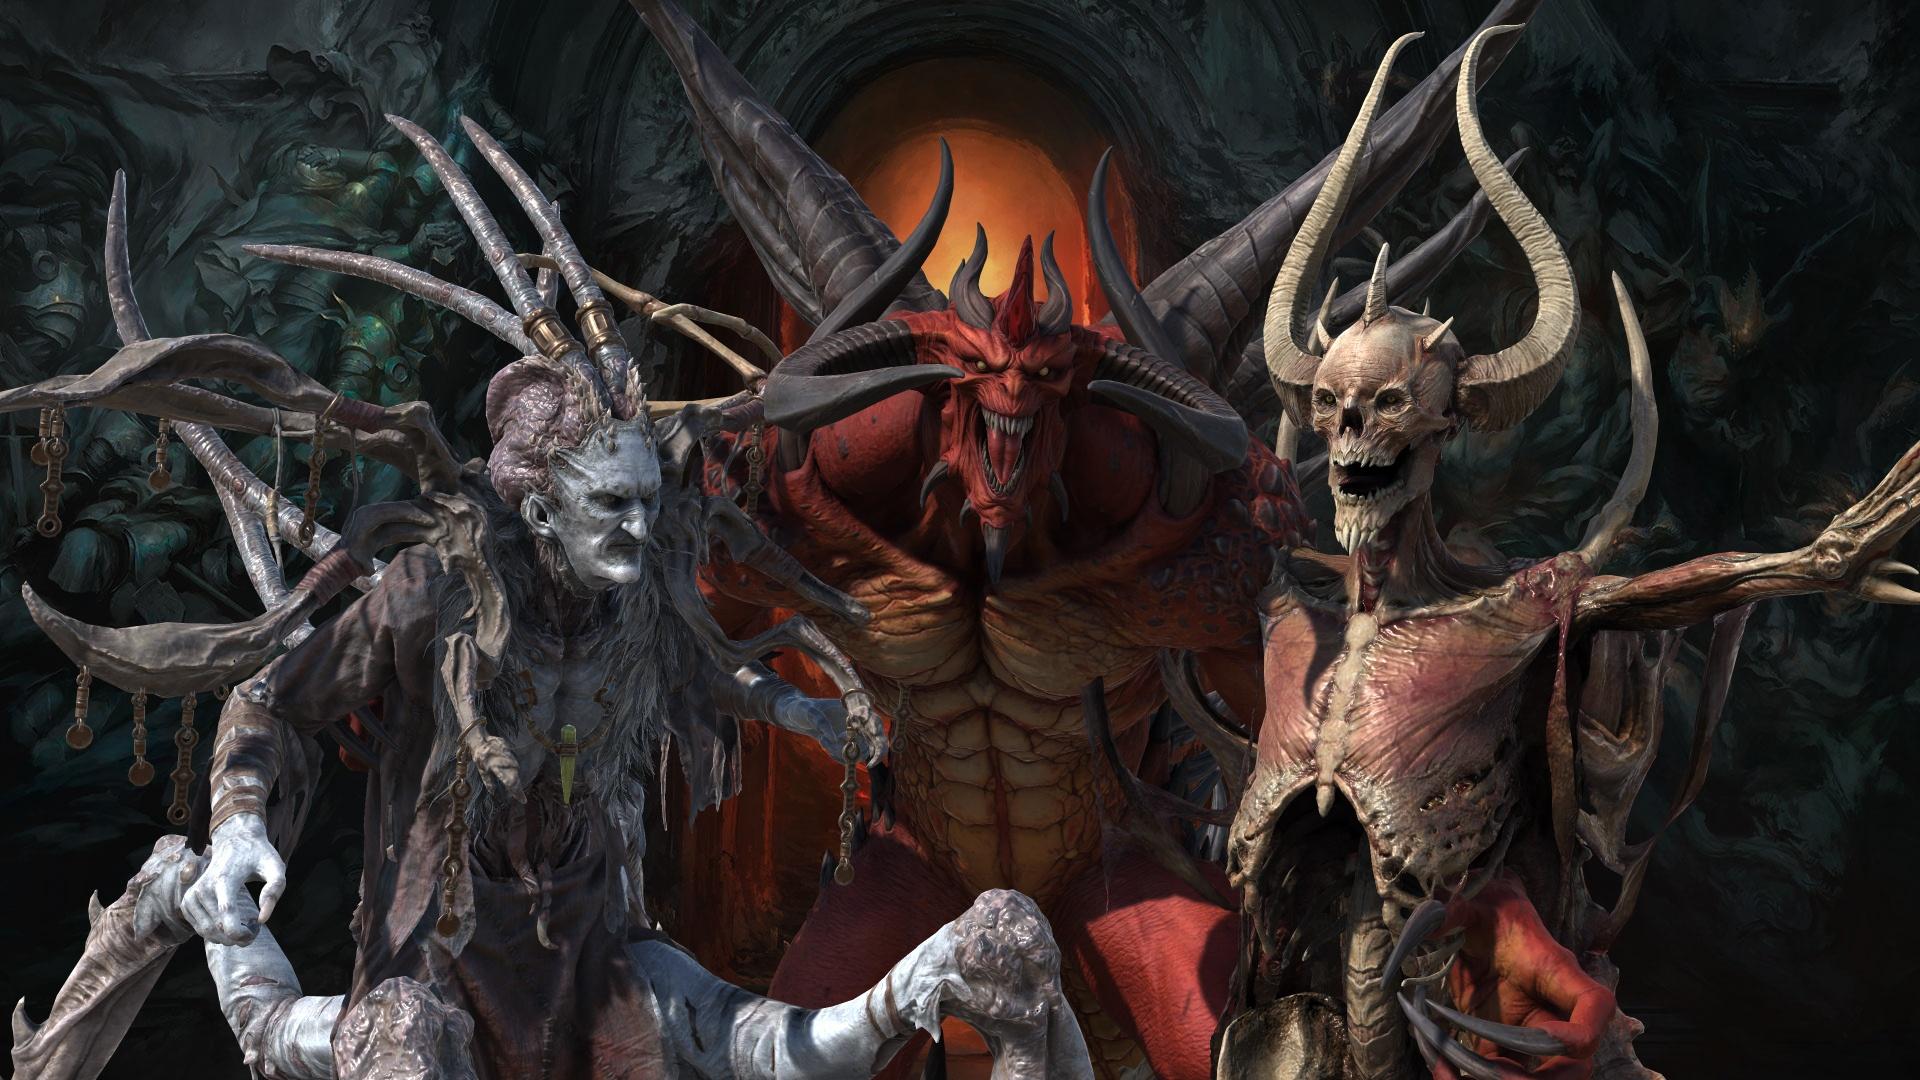 New Diablo II: Resurrected Models - Diablo, Baal, Mephisto, The Dark Wanderer